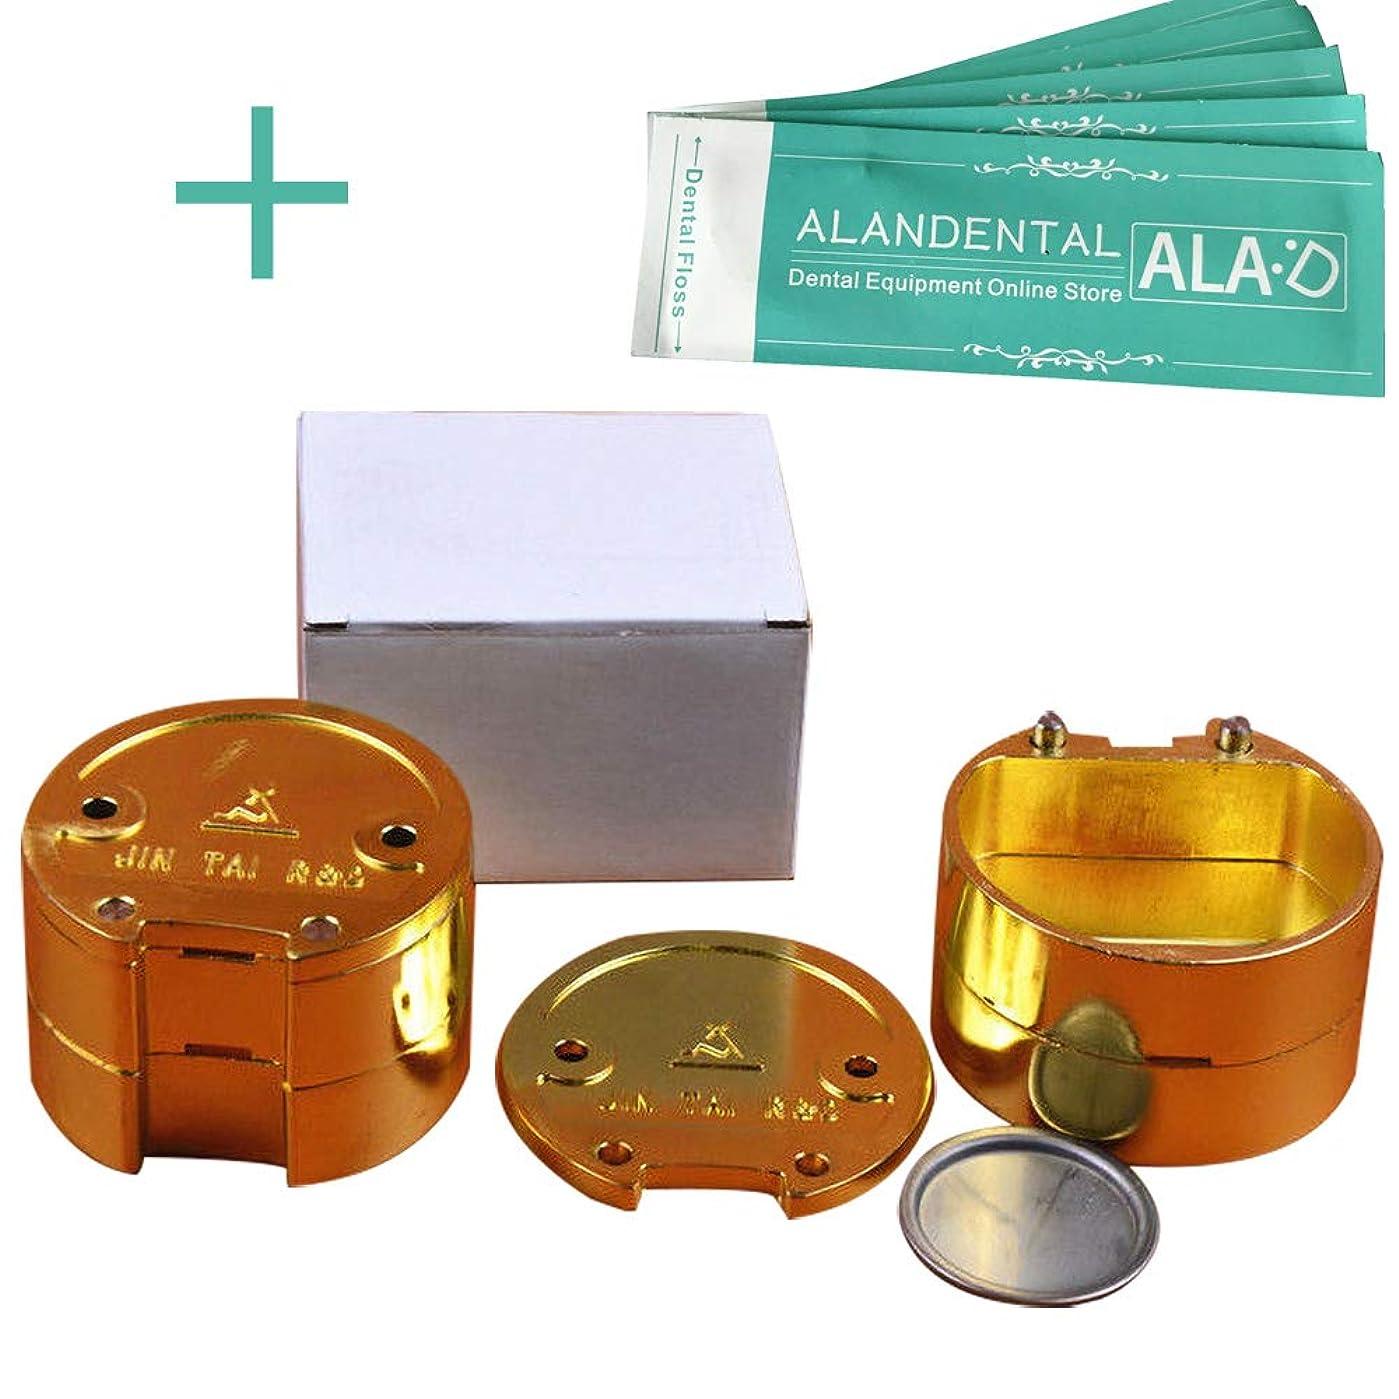 高度なメリーサスペンドALAN義歯フラスコ 歯科真ちゅう 黄銅 入れ歯ポット耐高温 歯科ラボ機器 2セット+ 5PCSデンタルフロス